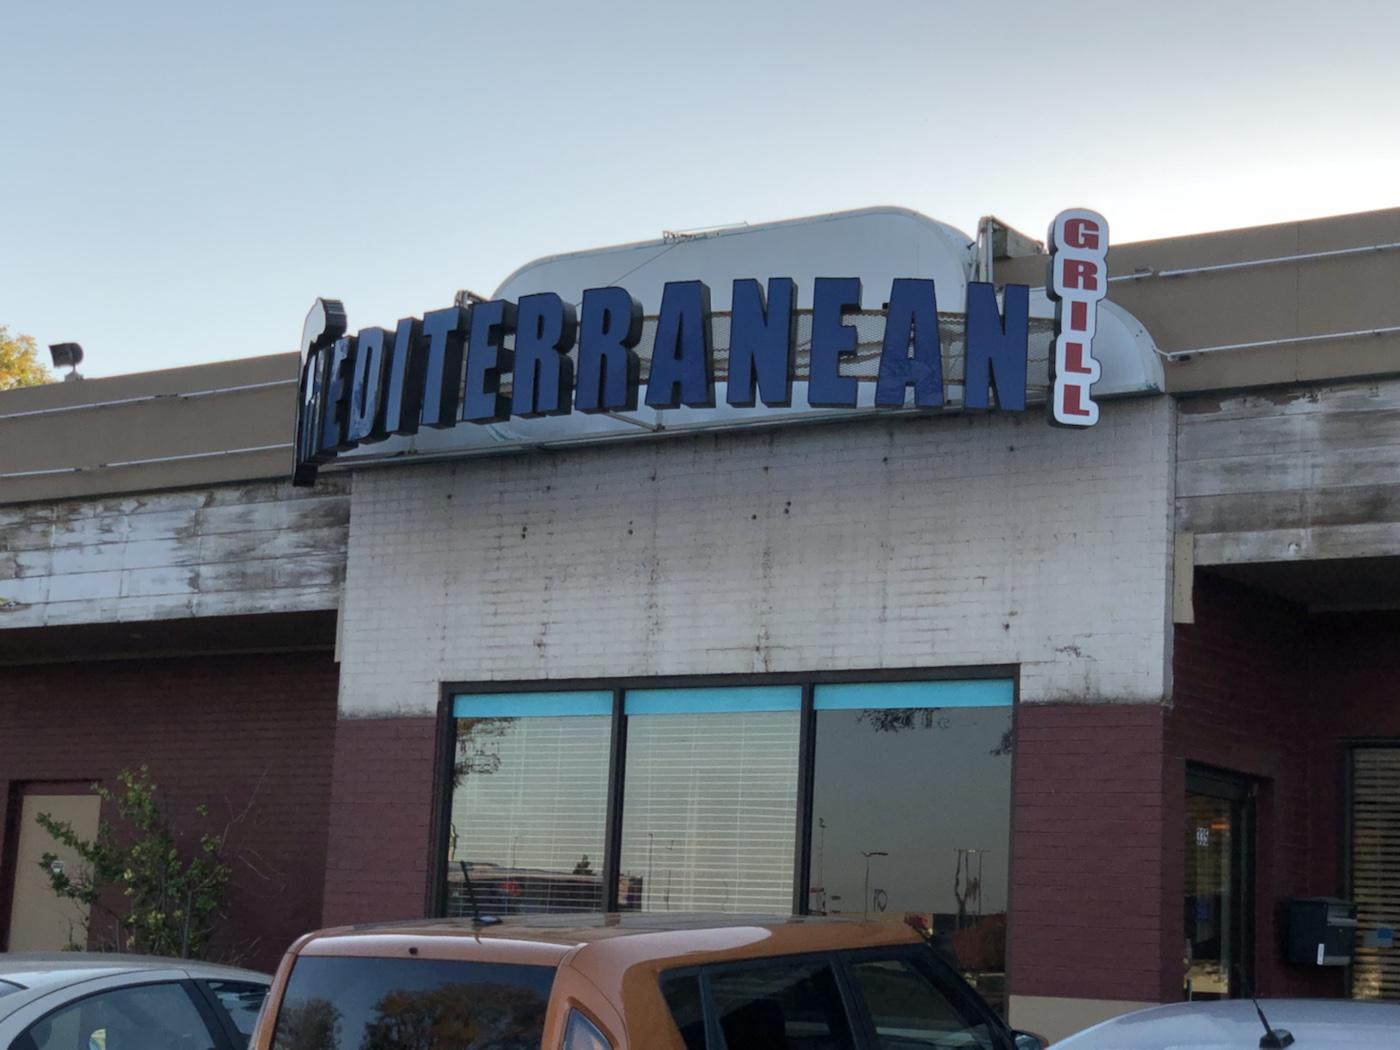 Mediterranean Grill